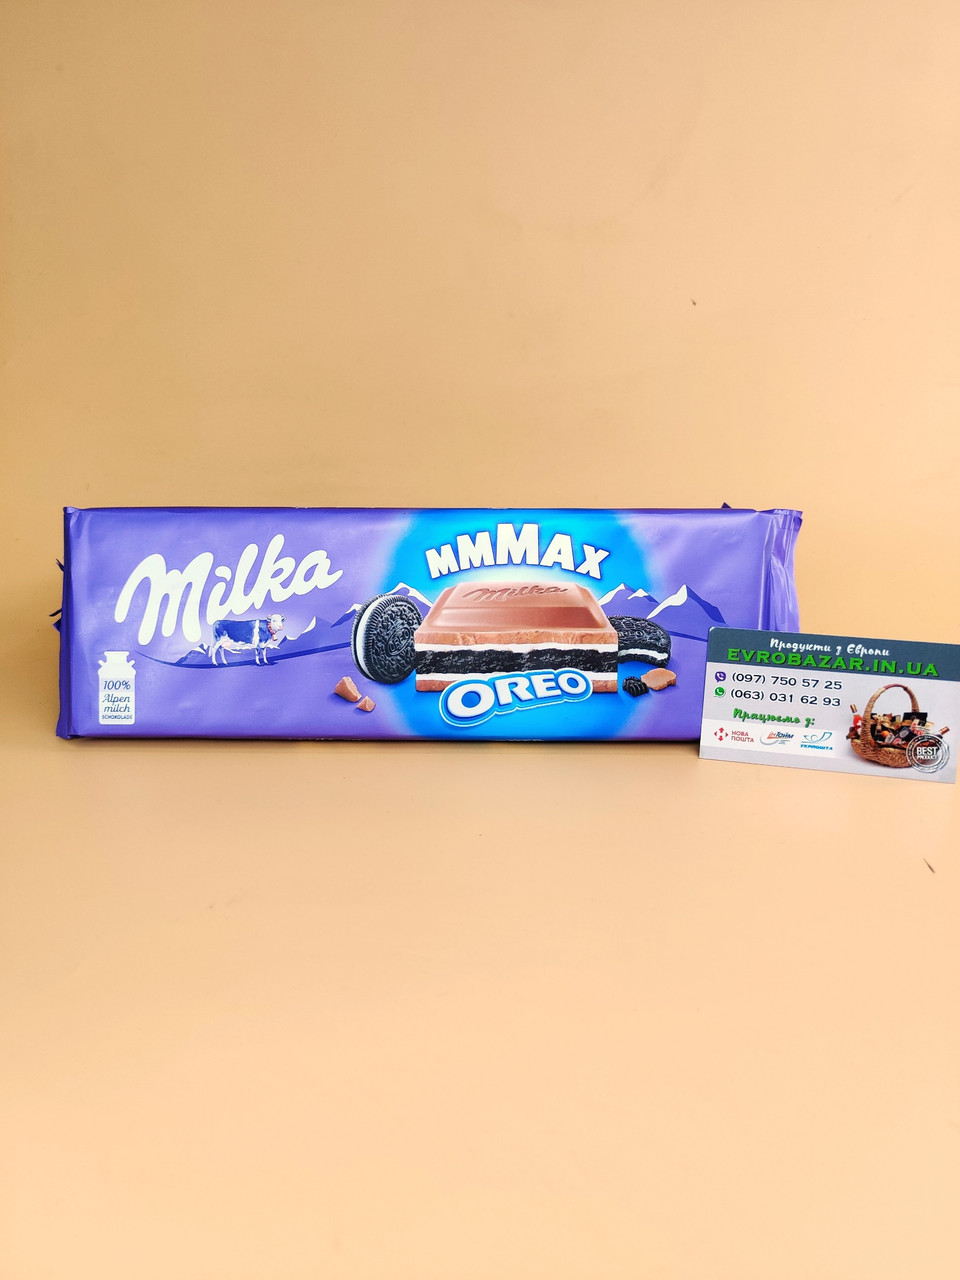 Milka max Oreo